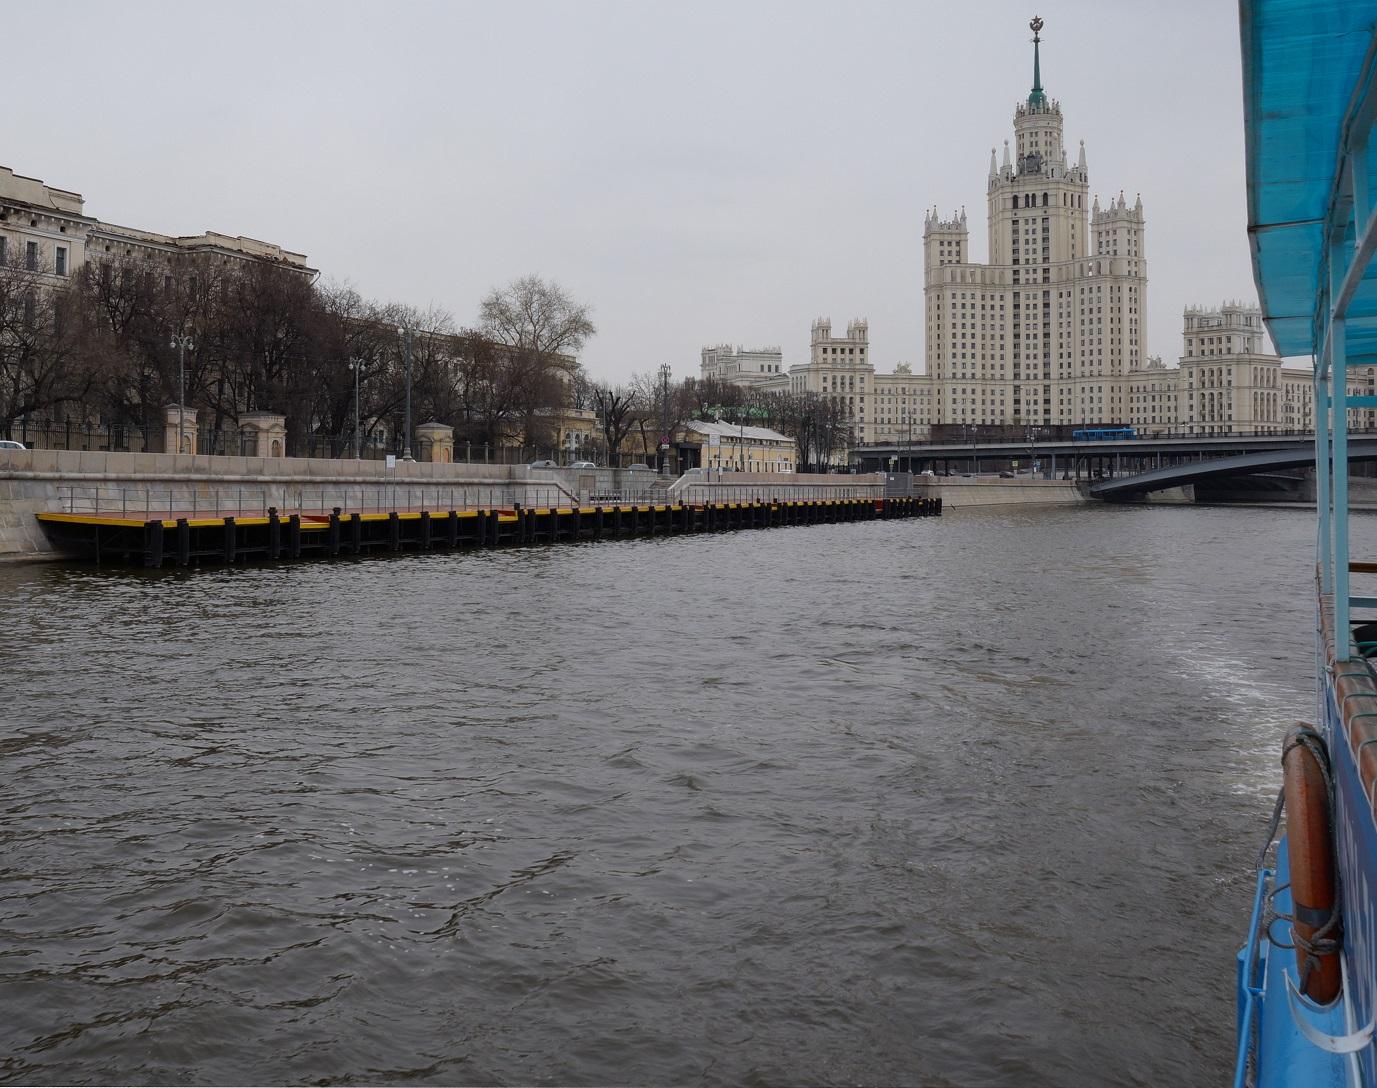 Прогнать сайт Большой Устьинский мост поведенческие факторы яндекс Широкая улица